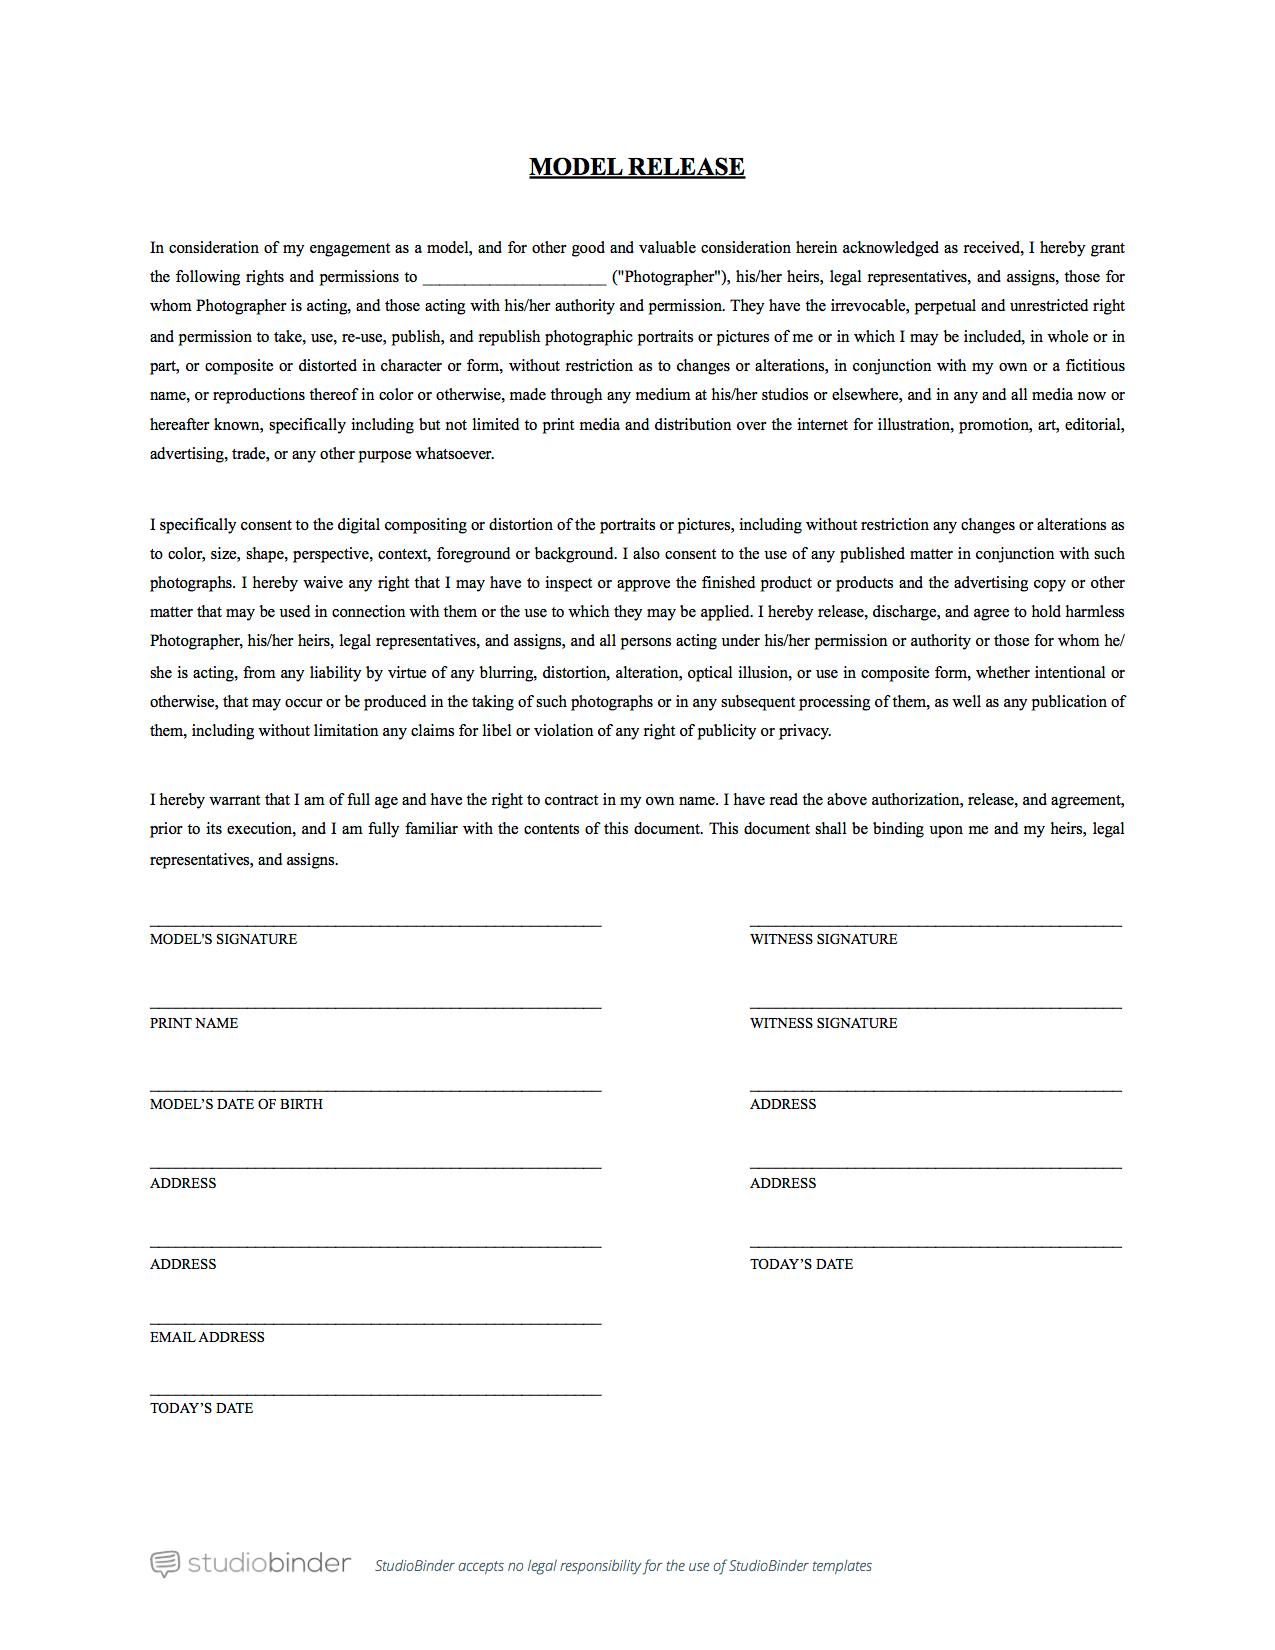 Model Release Form Template - StudioBinder